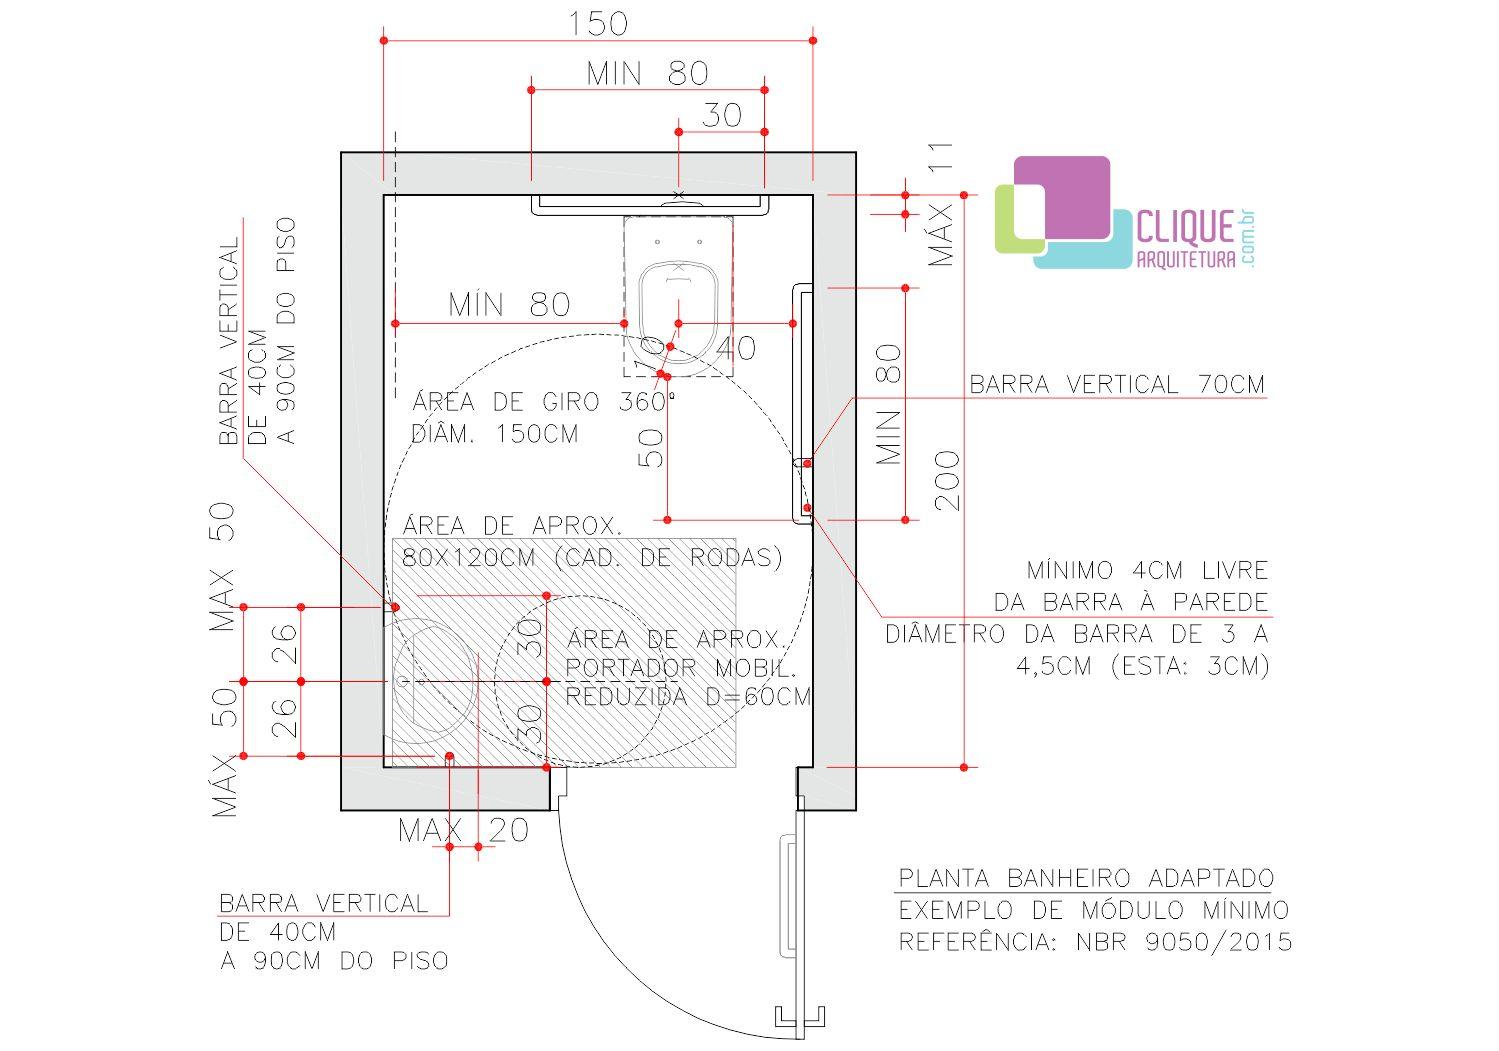 Conhecido Clique Arquitetura | Seu portal de Ideias e Soluções AX64